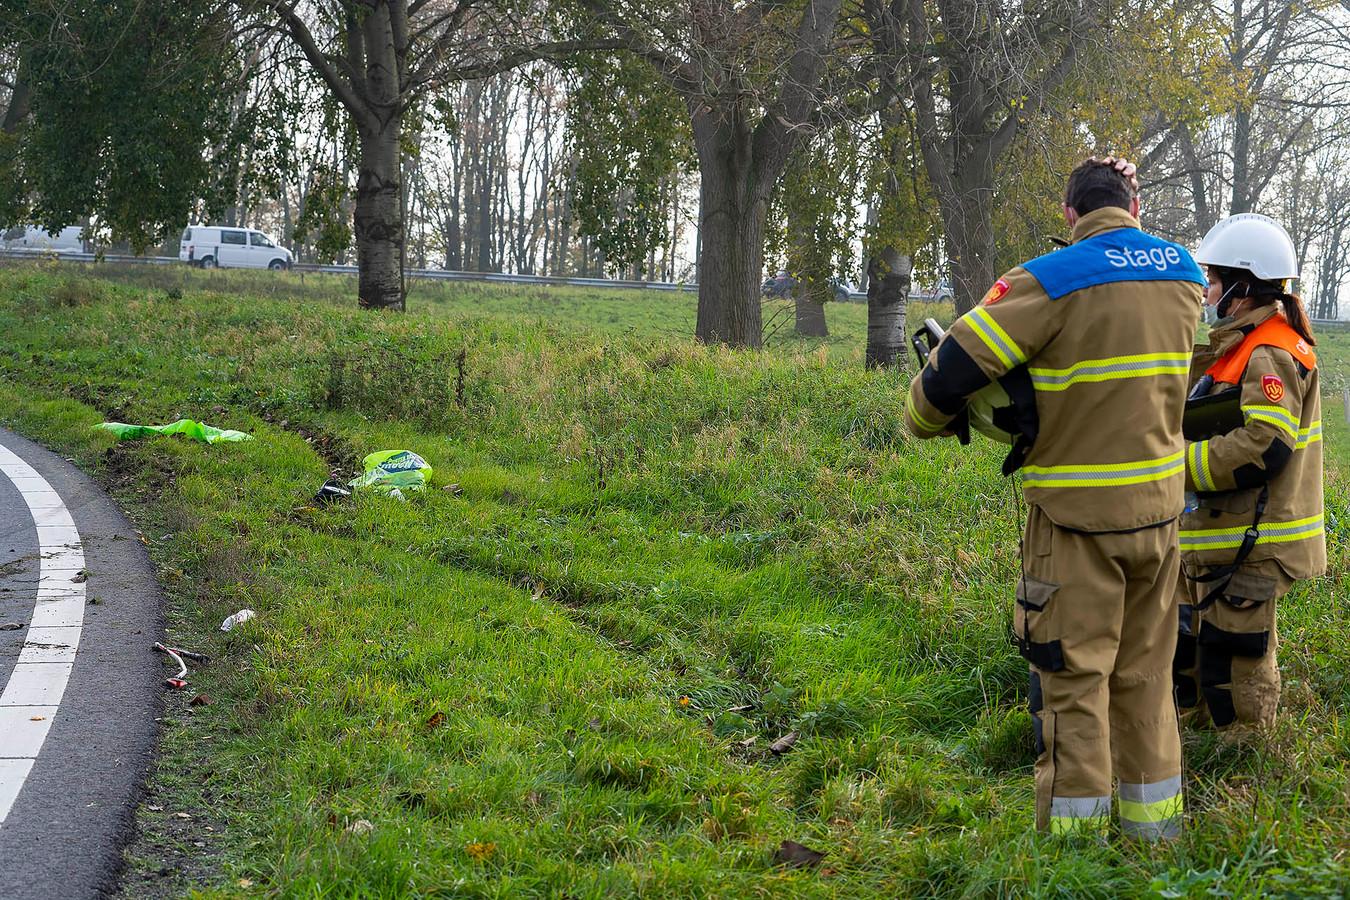 Bij de afrit van de A50 vloog een automobilist uit de bocht die Michel schepte.